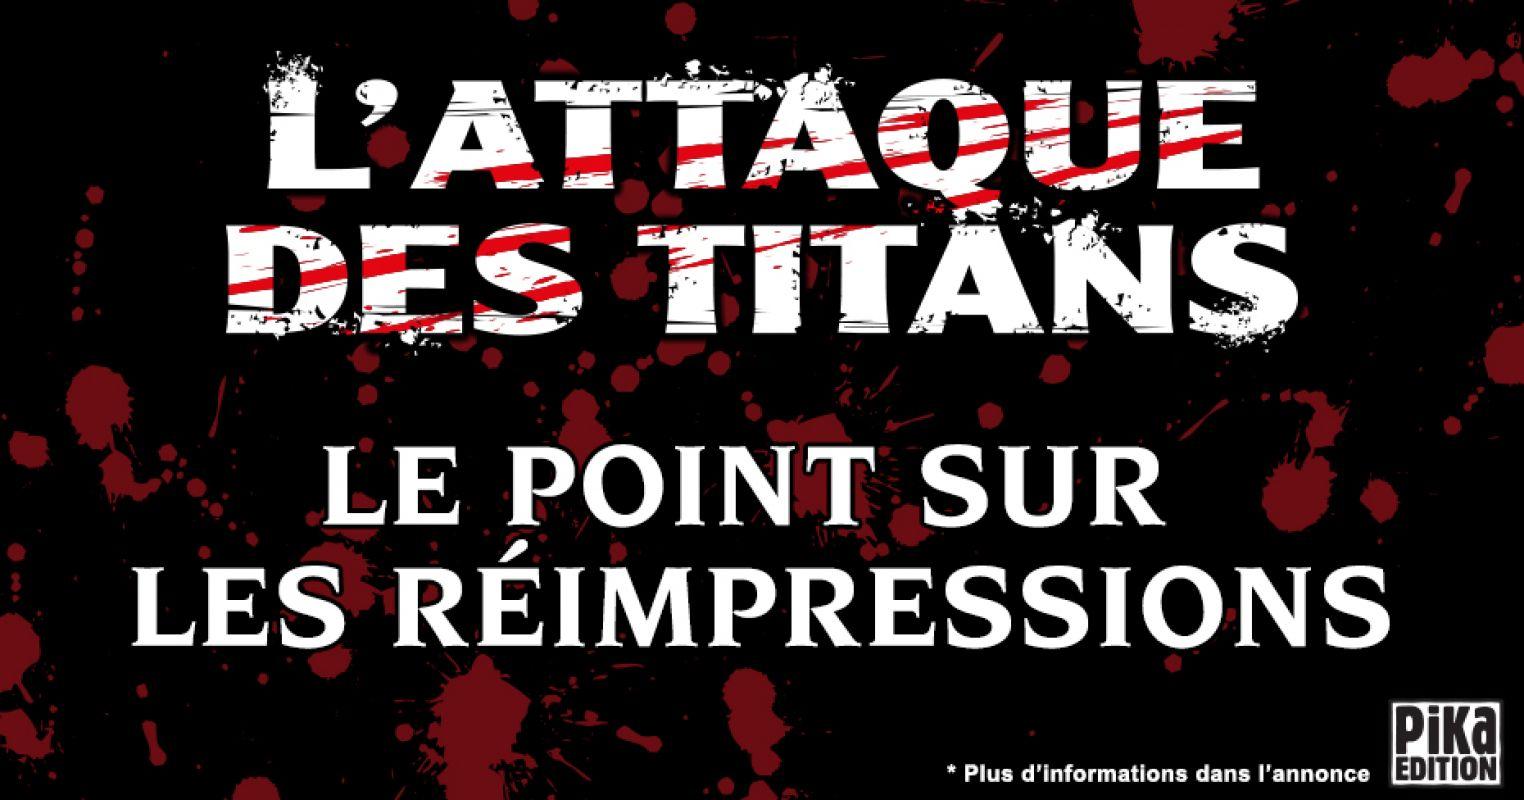 Pika annonce des réimpressions pour le manga L'Attaque des Titans !